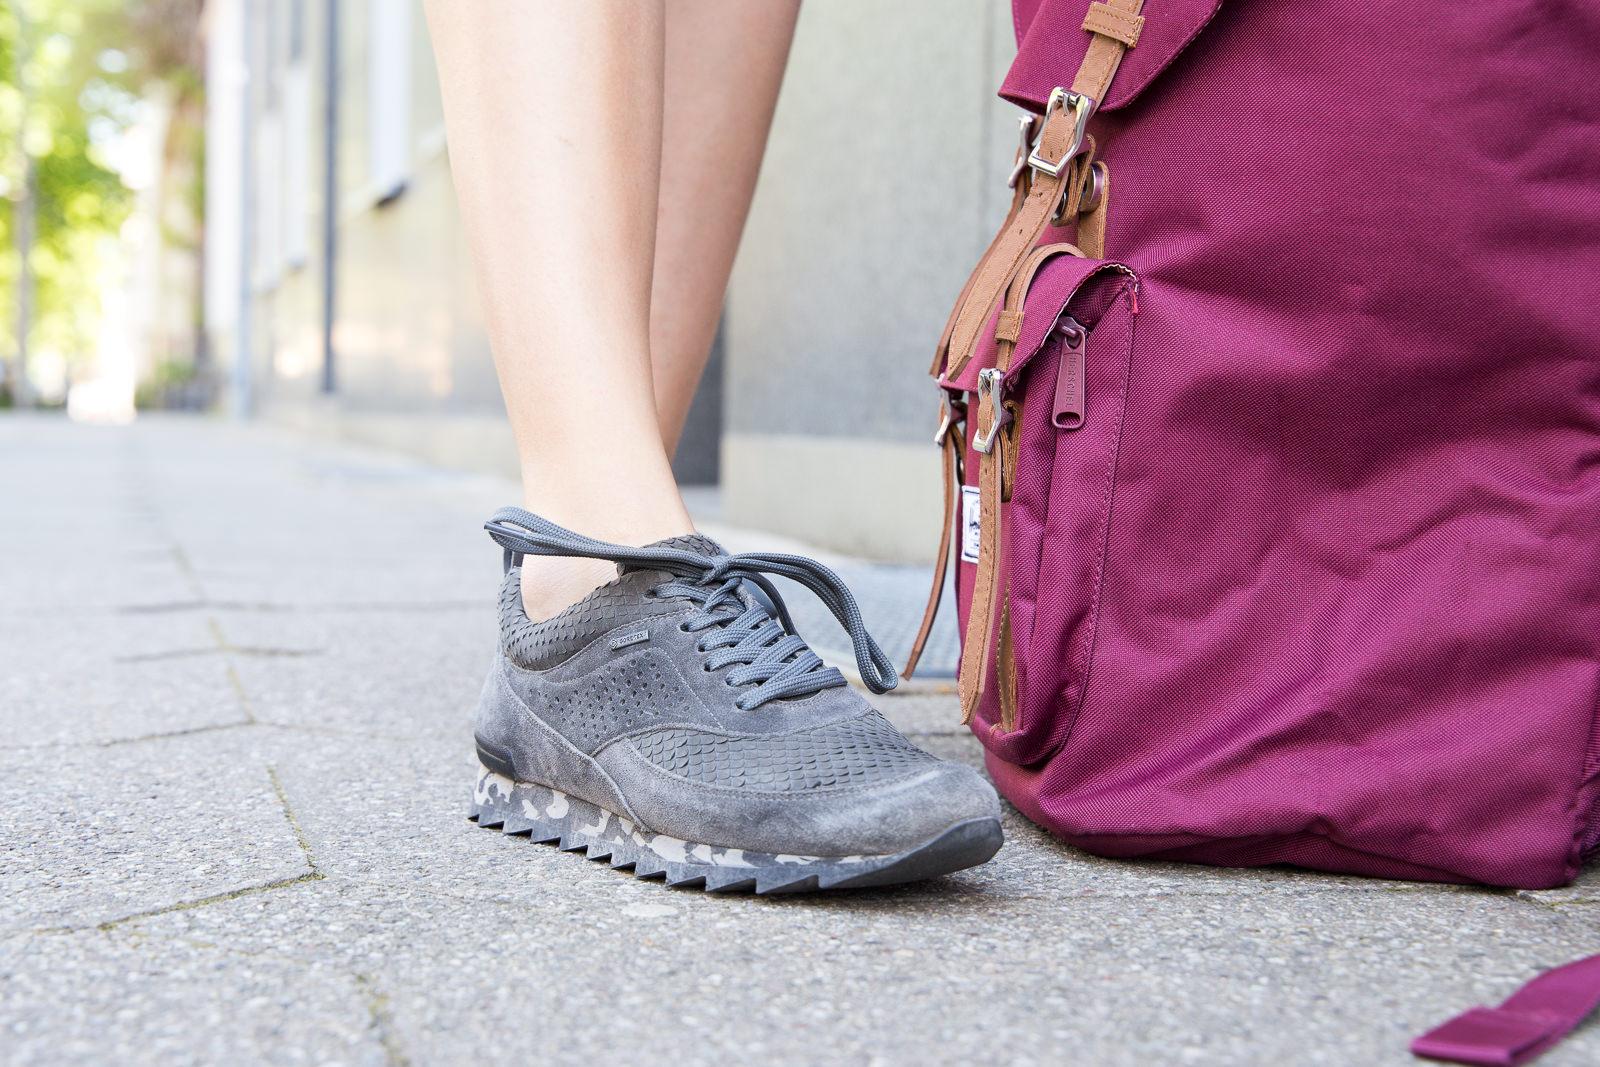 Outdoor Look: Allwettertauglichen Sneakers & Herschel Rucksack